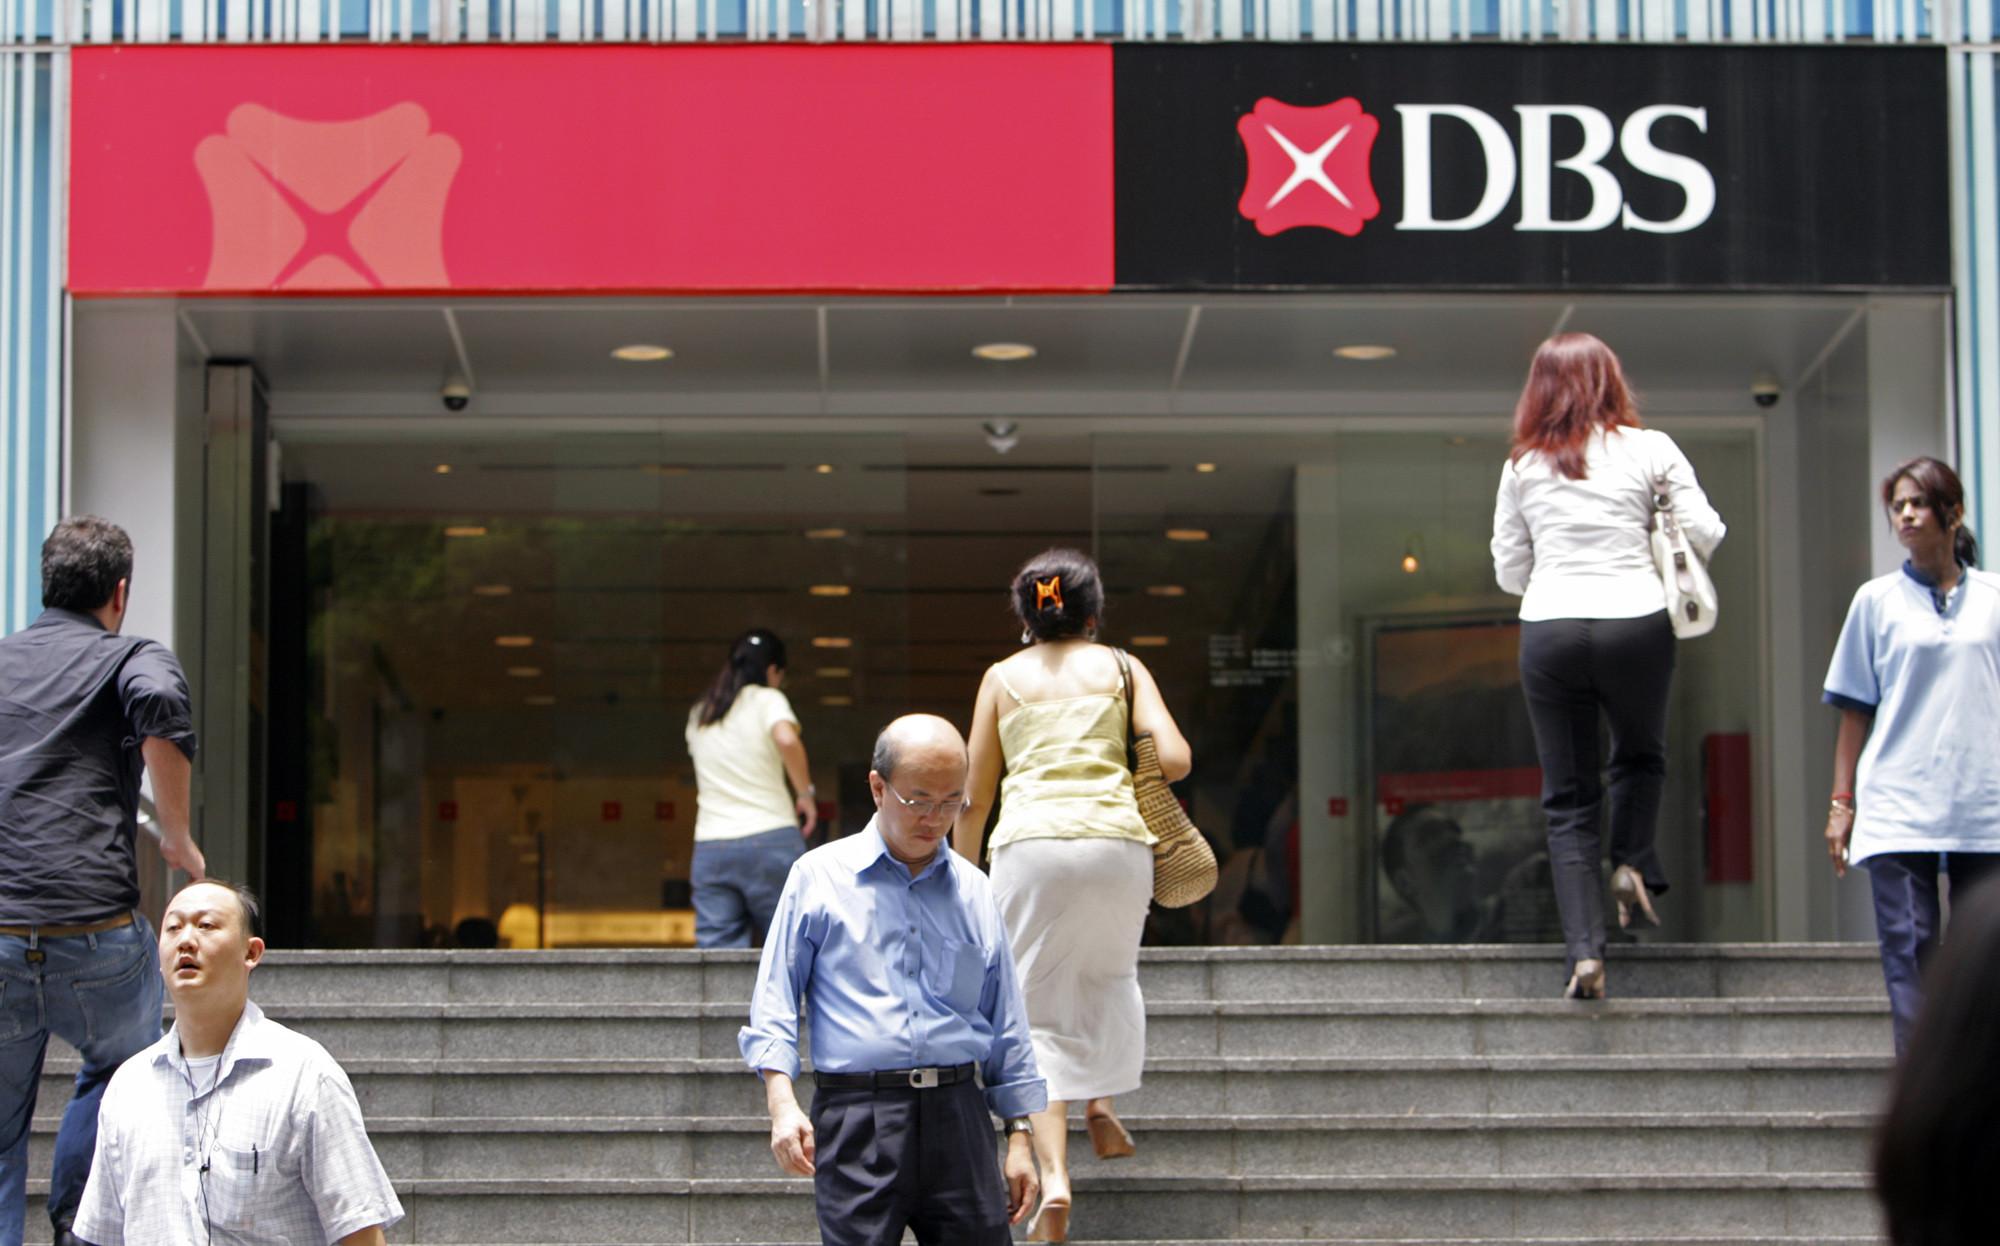 ▲▼新加坡民眾進出星展銀行(DBS)的一家分行。(圖/達志影像/美聯社)